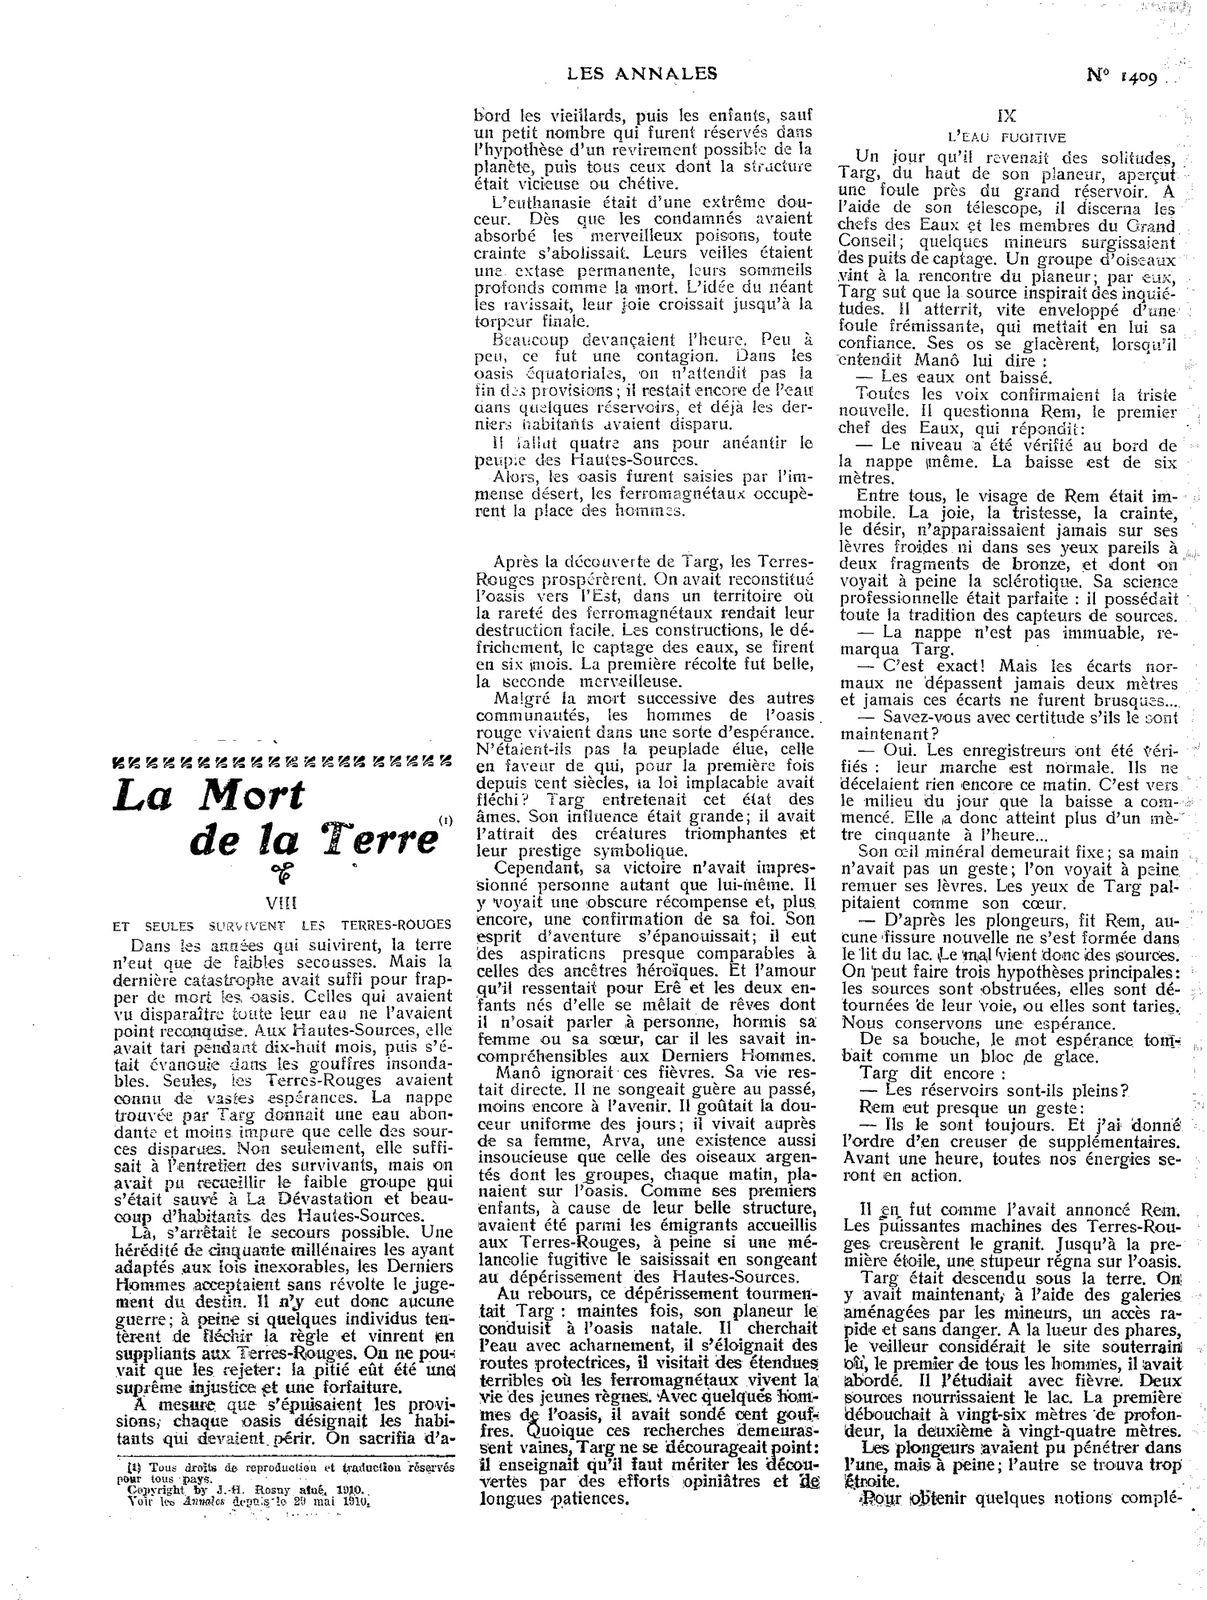 """J.-H. Rosny aîné """"La Mort de la Terre"""" in Les Annales politiques et littéraires n°1409 du 26 juin 1910"""